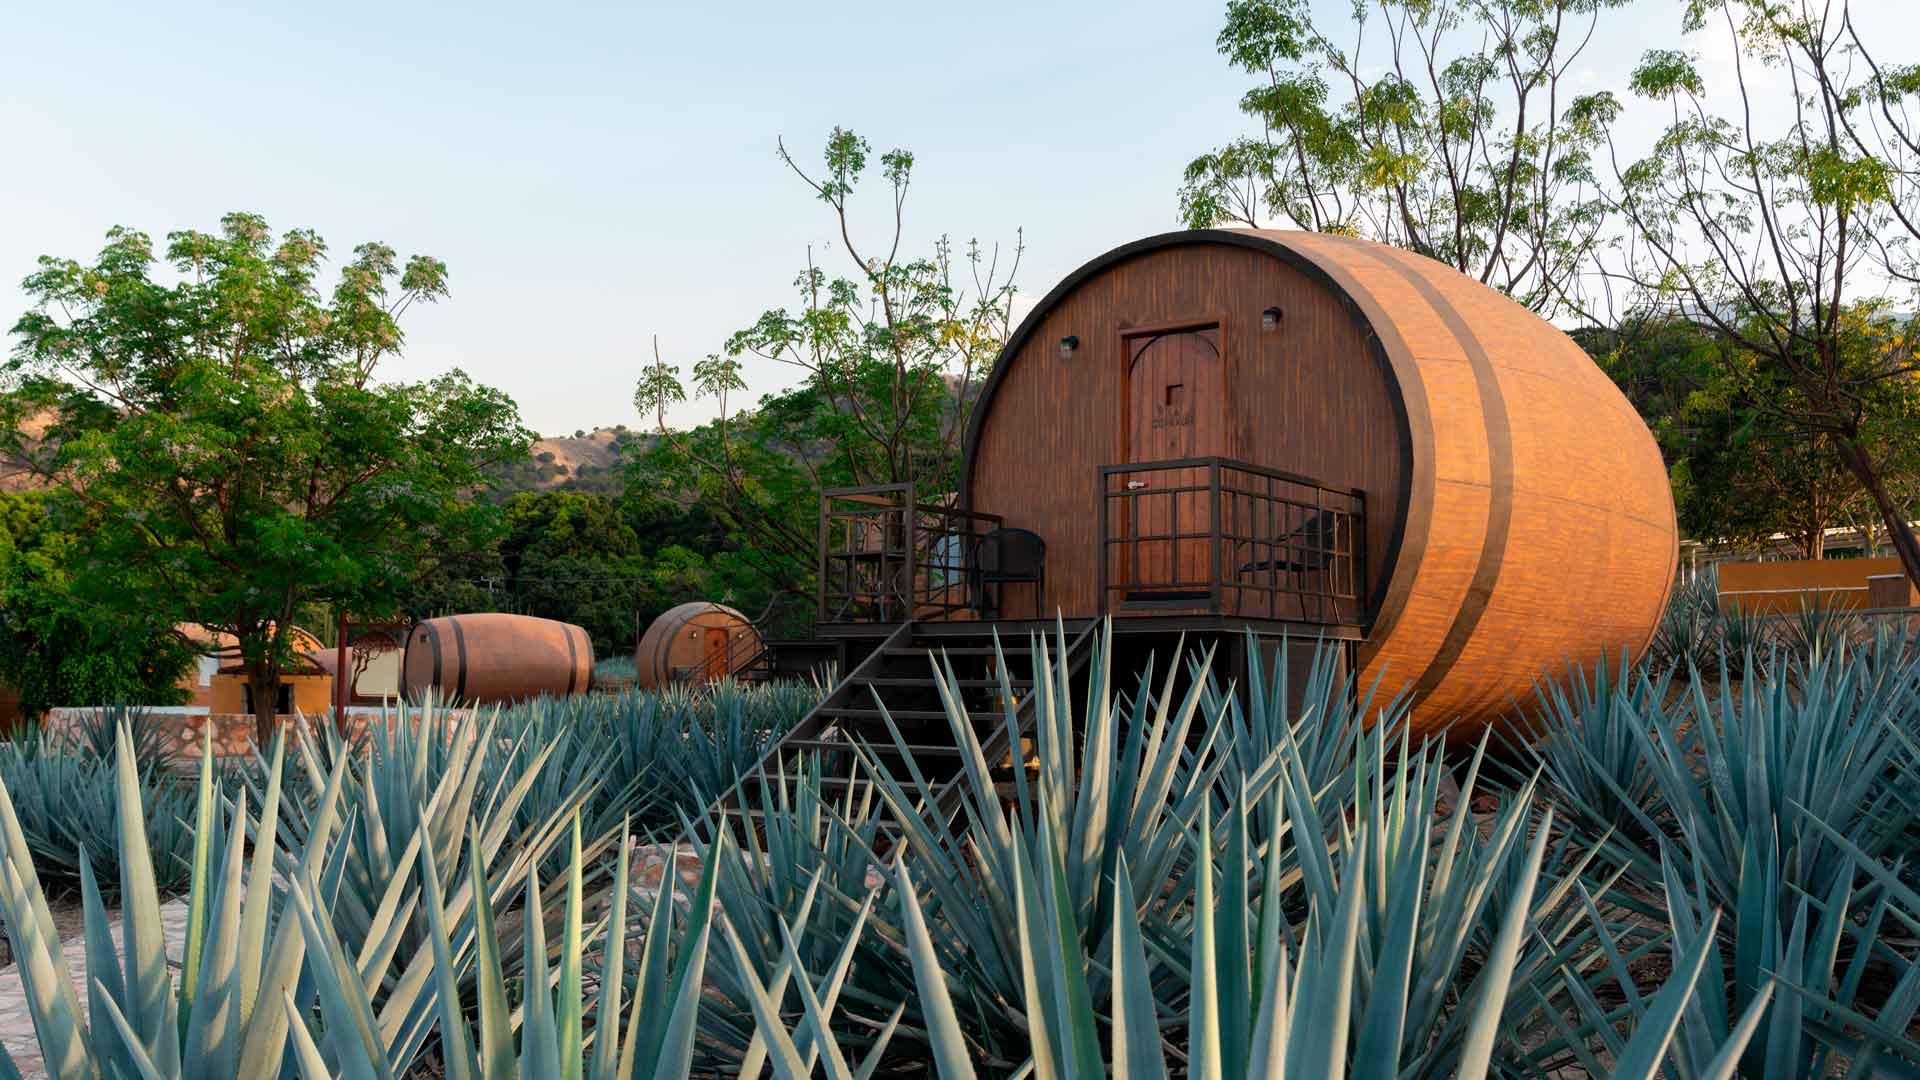 Matices Hotel de Barricas: dormir en camas de tequila